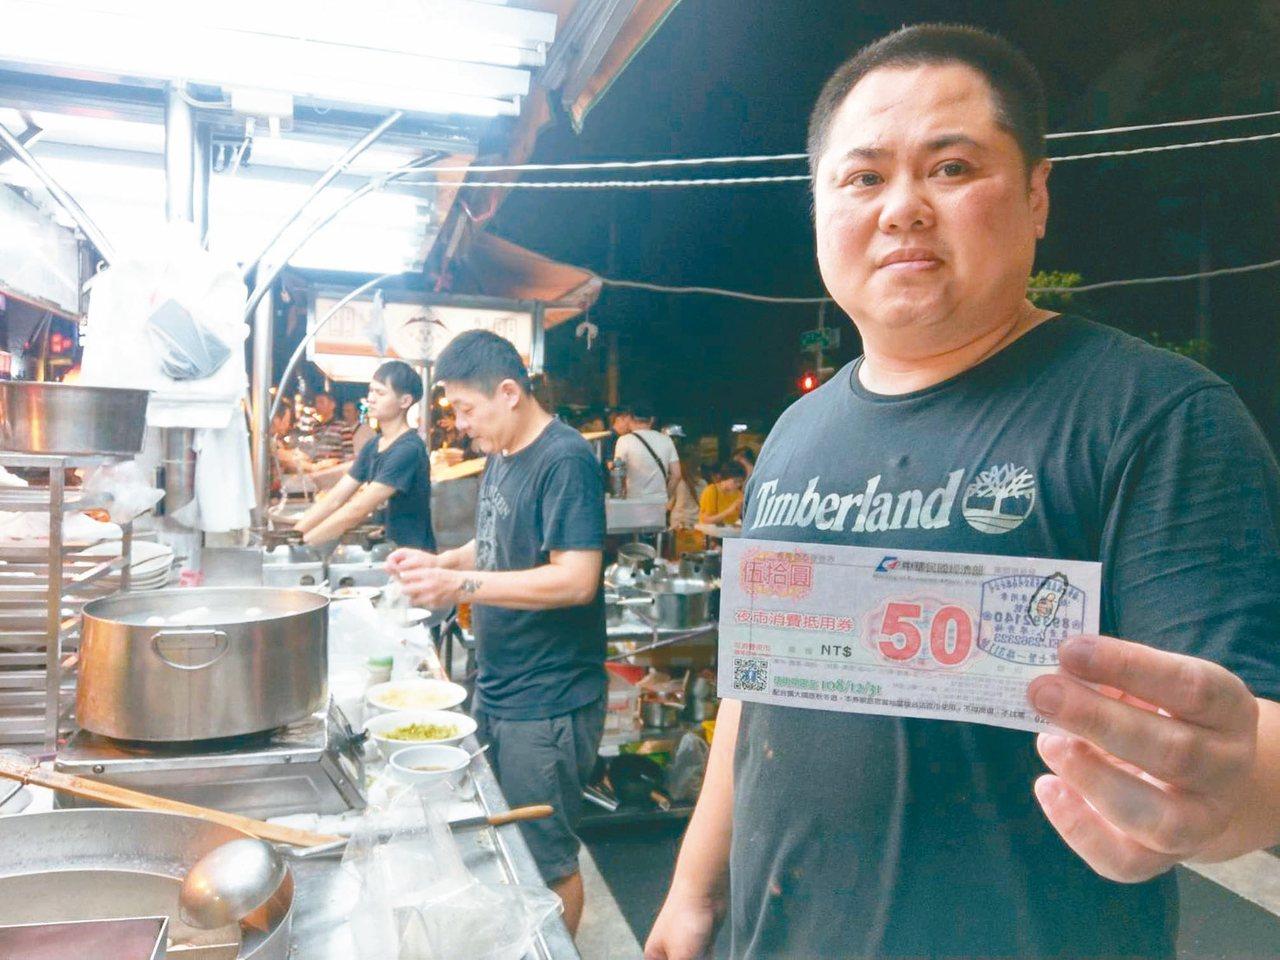 高雄市六合夜市攤商昨已收到夜市抵用券。 記者謝梅芬/攝影